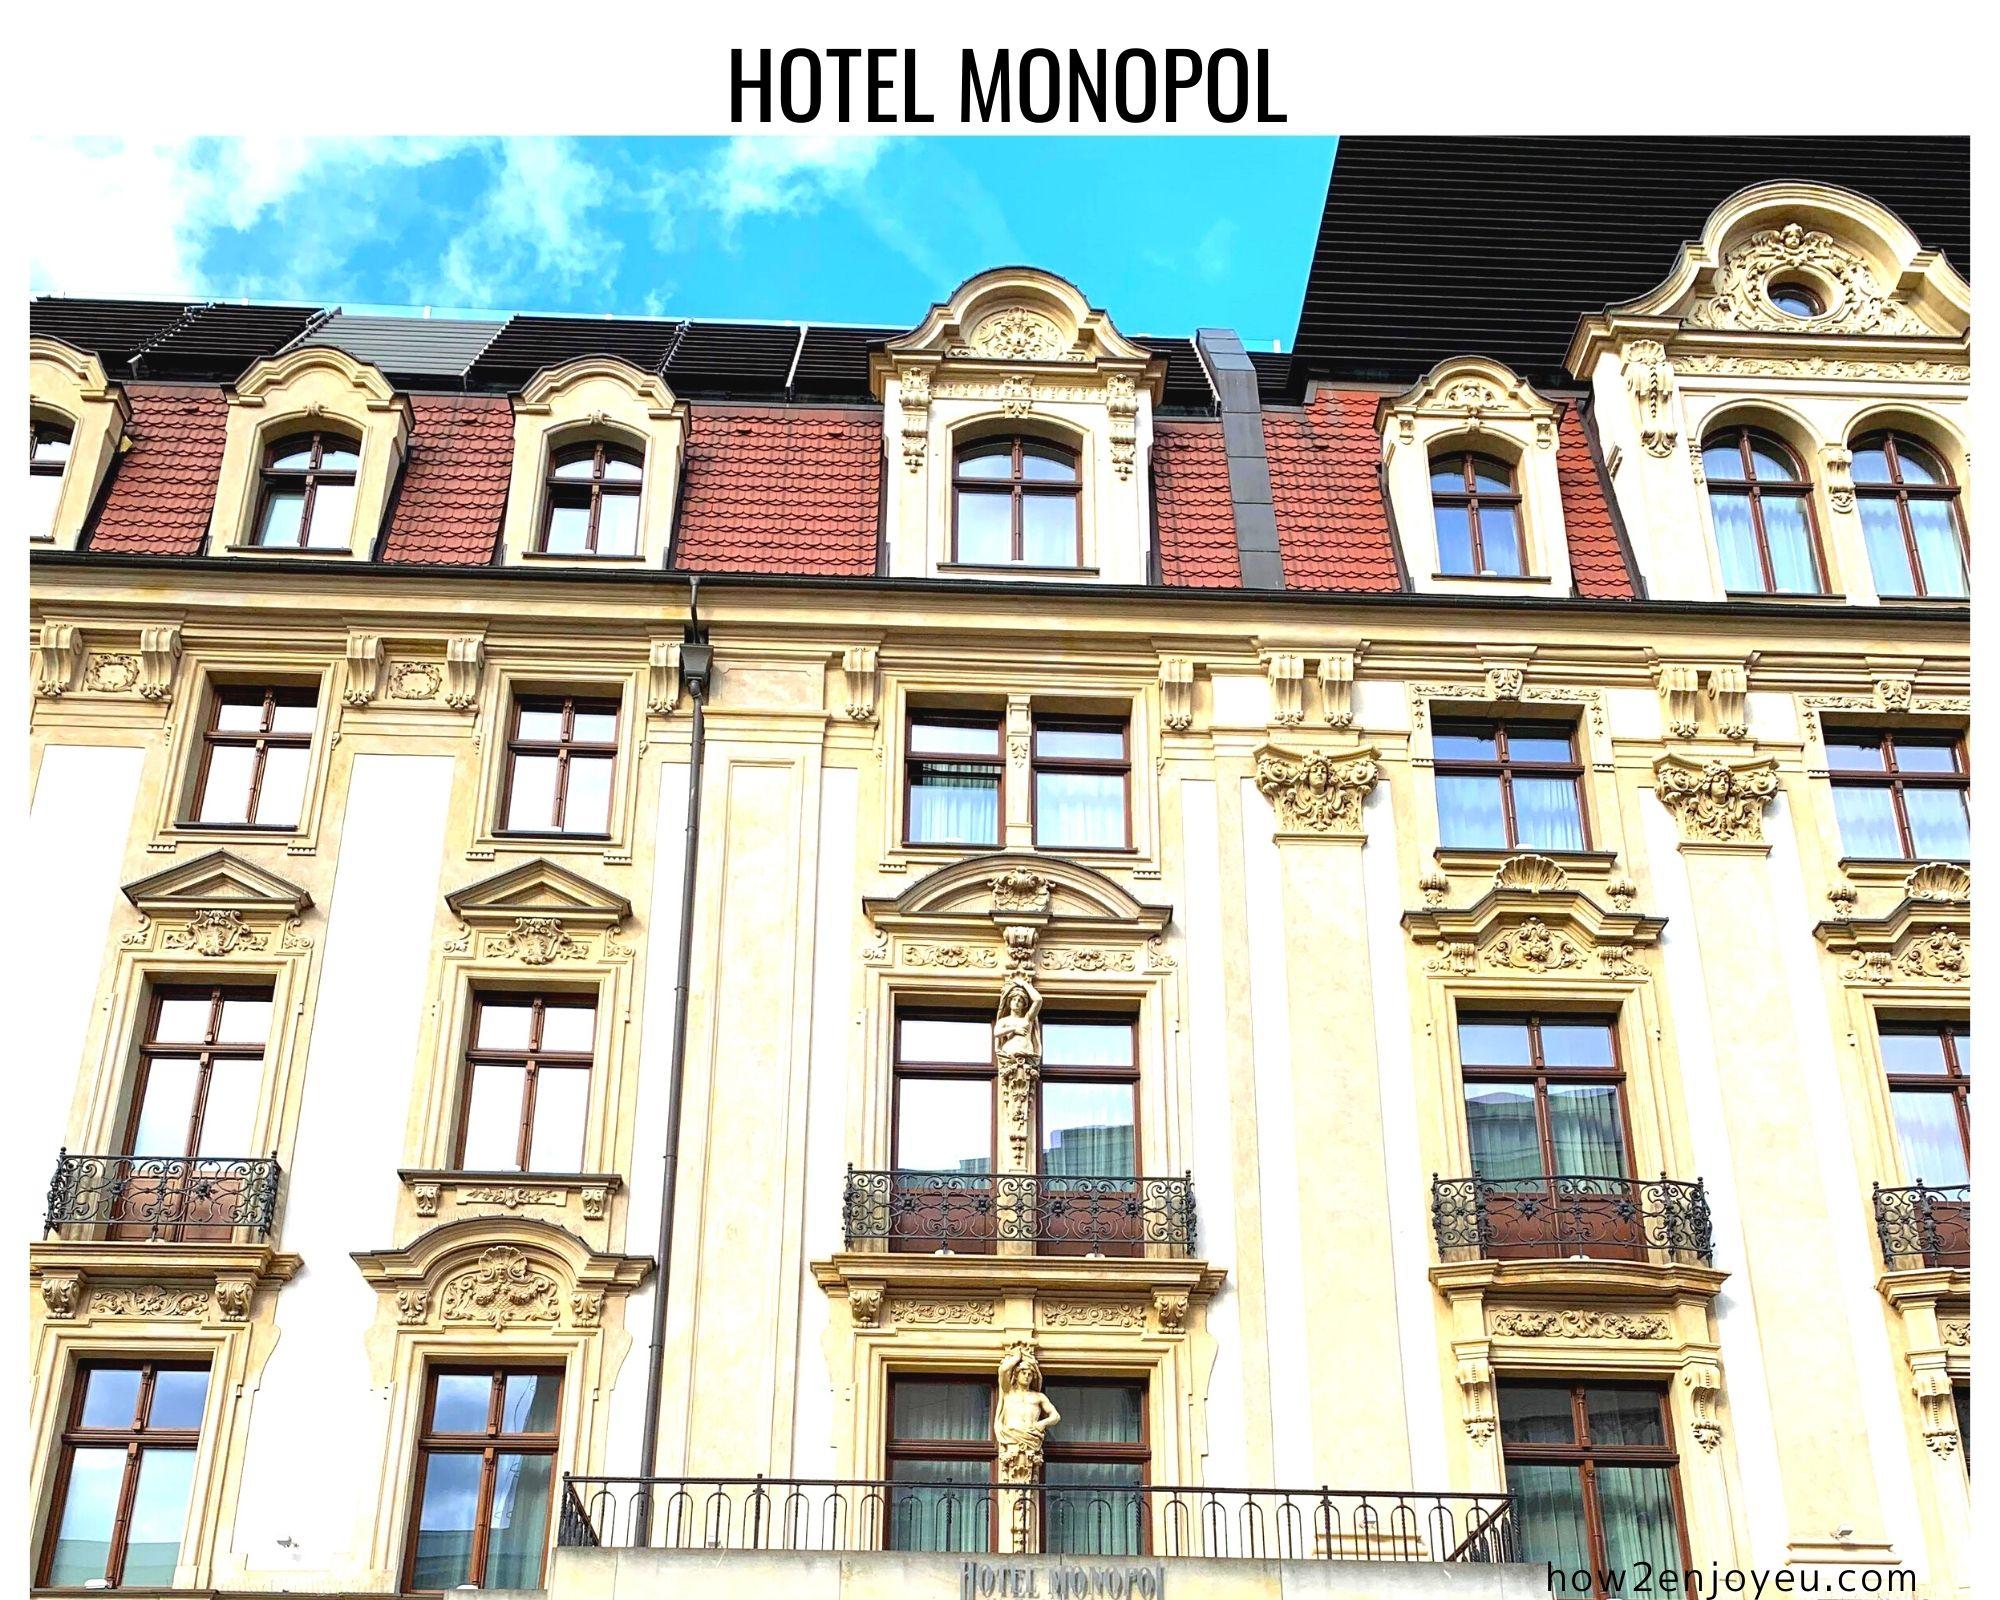 ヴロツワフの5つ星ホテル、ホテル・モノポール